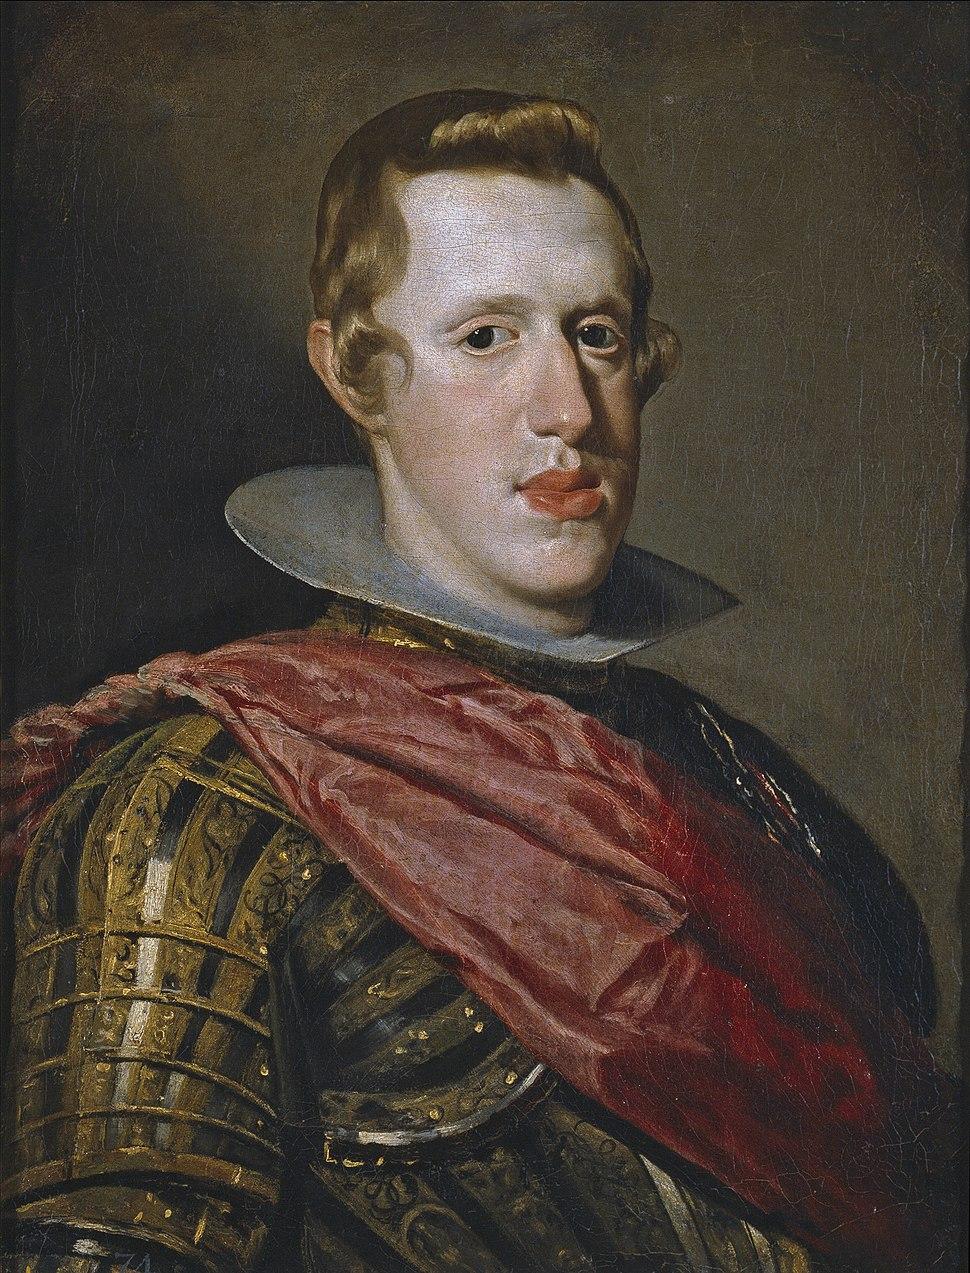 Retrato de Felipe IV en armadura, by Diego Velázquez